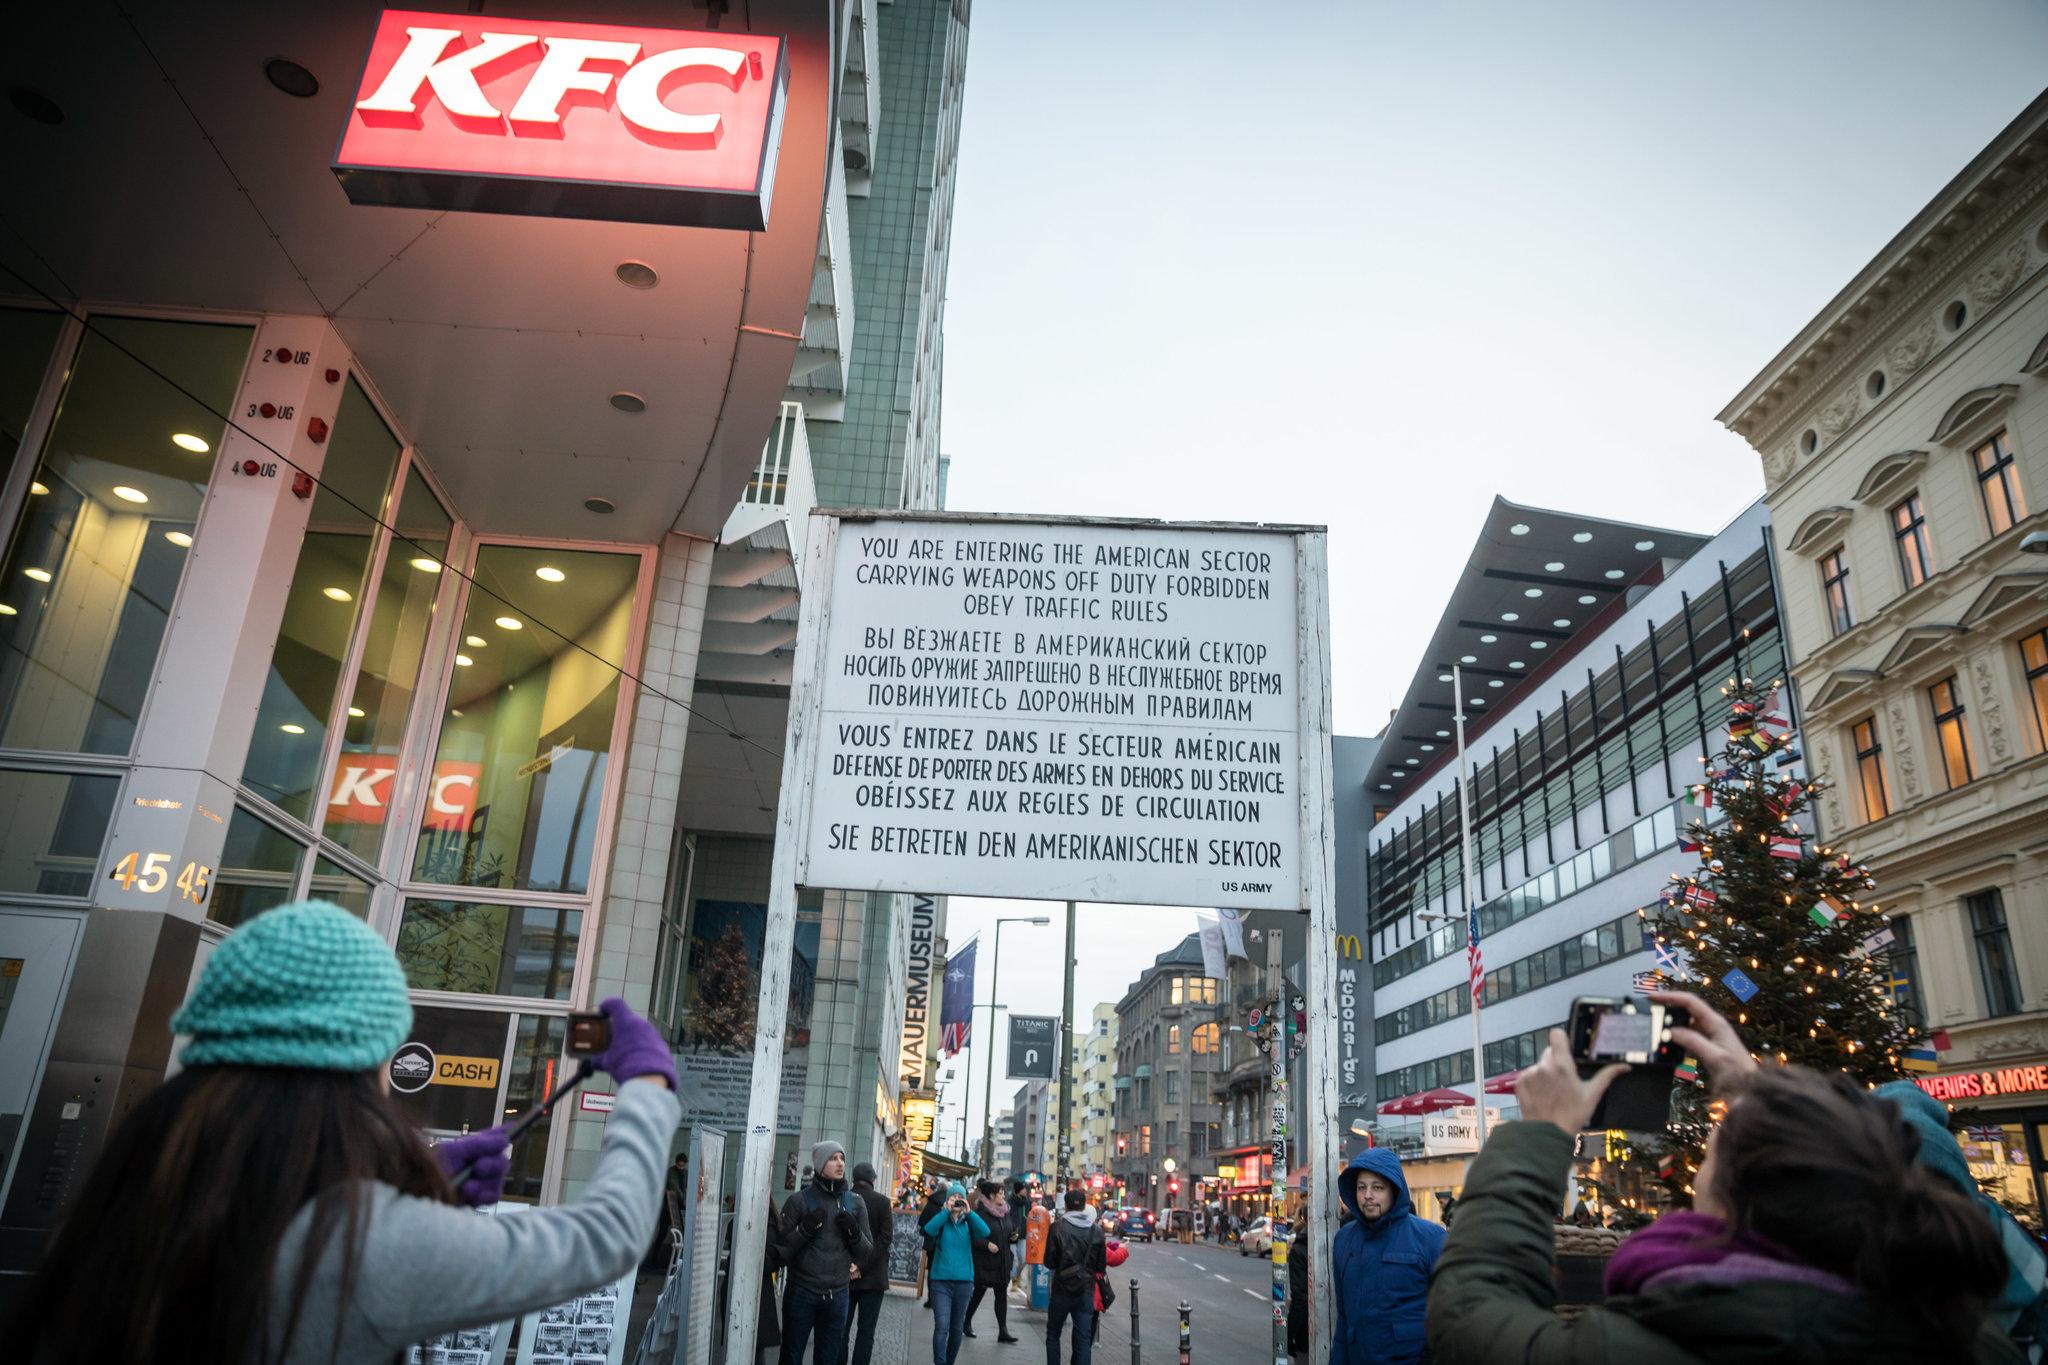 Una réplica del famoso letrero en inglés, francés, ruso y alemán que informaba a las personas que estaban ingresando al sector estadounidense de Berlín. Credit Gordon Welters para The New York Times